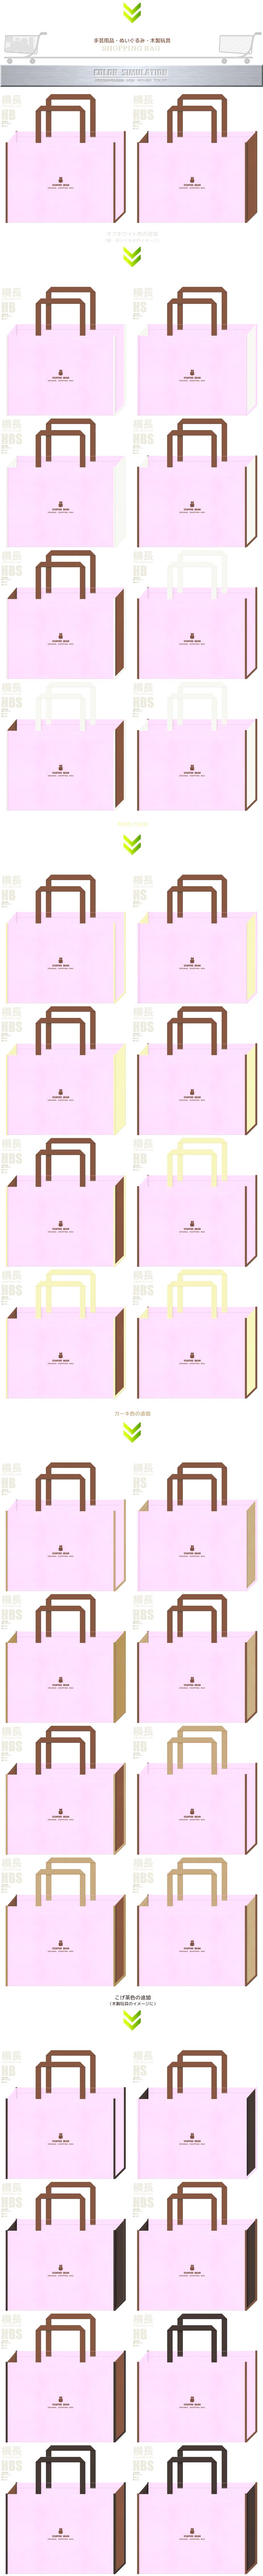 パステルピンク色と茶色をメインに使用した、ガーリーデザインの不織布バッグのカラーシミュレーション:木製玩具・手芸用品・ぬいぐるみのショッピングバッグ